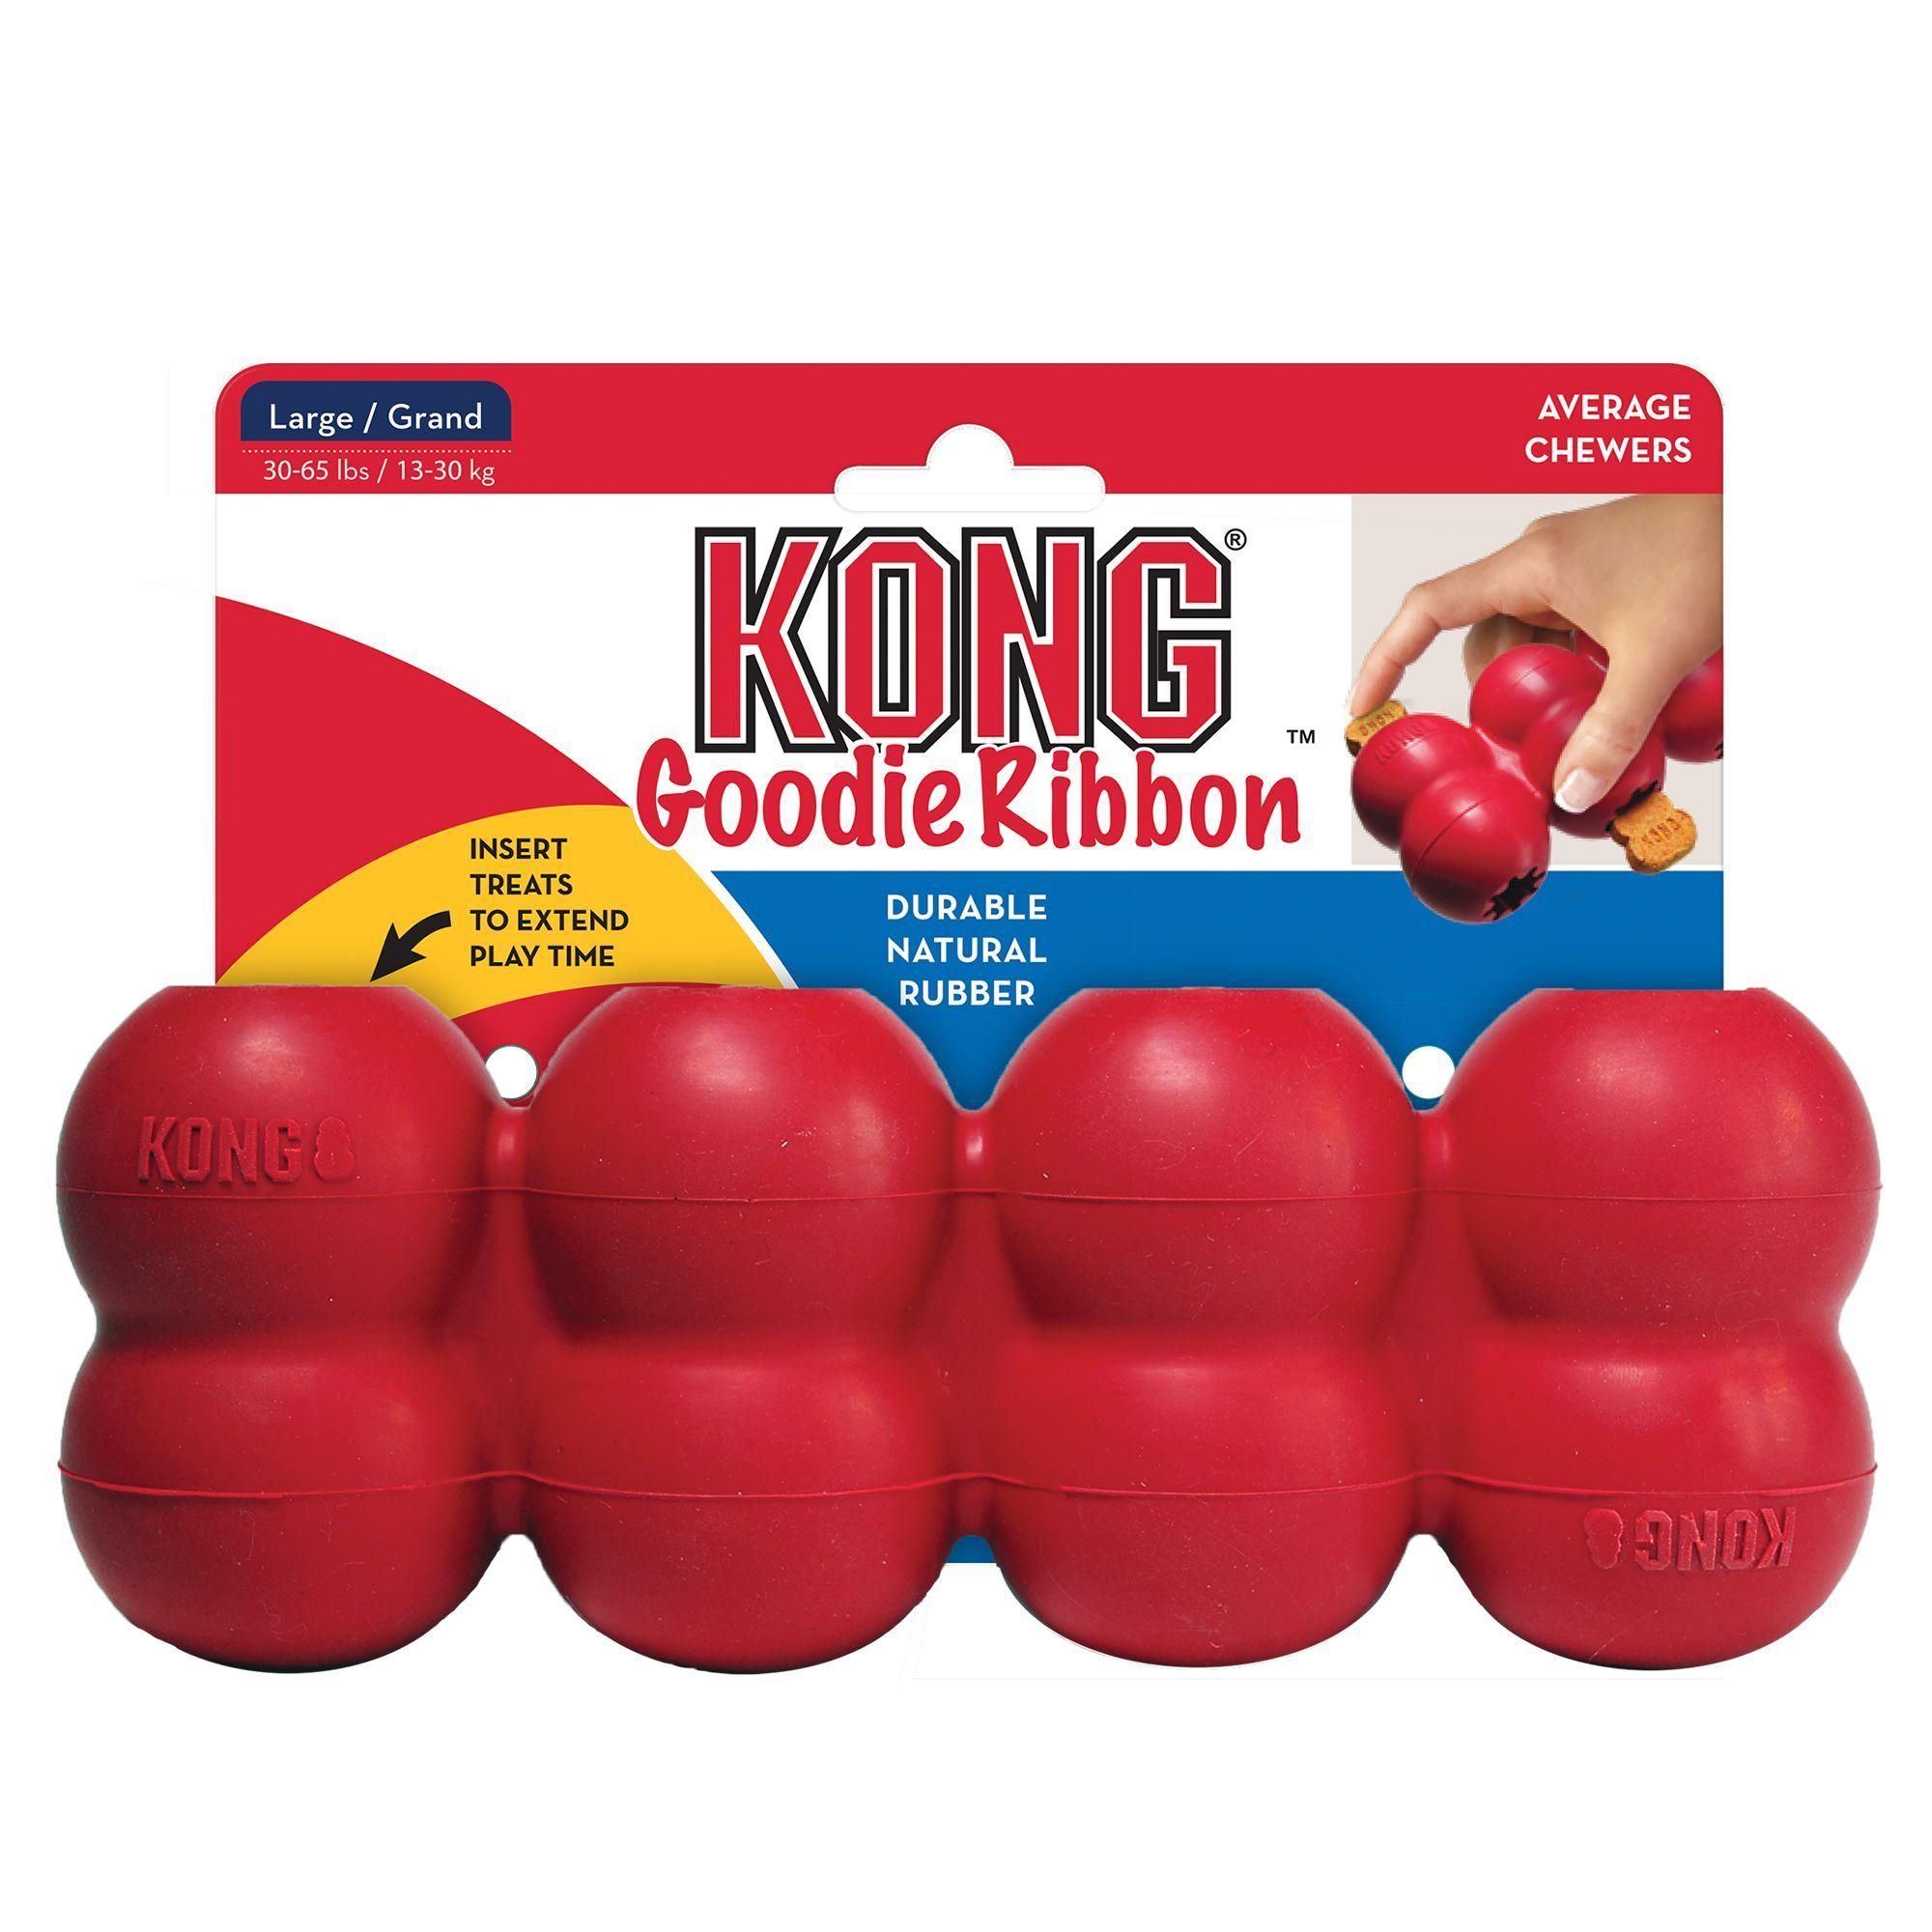 KONG Goodie Ribbon Dog Toy Treat Dispensing, bone/butter